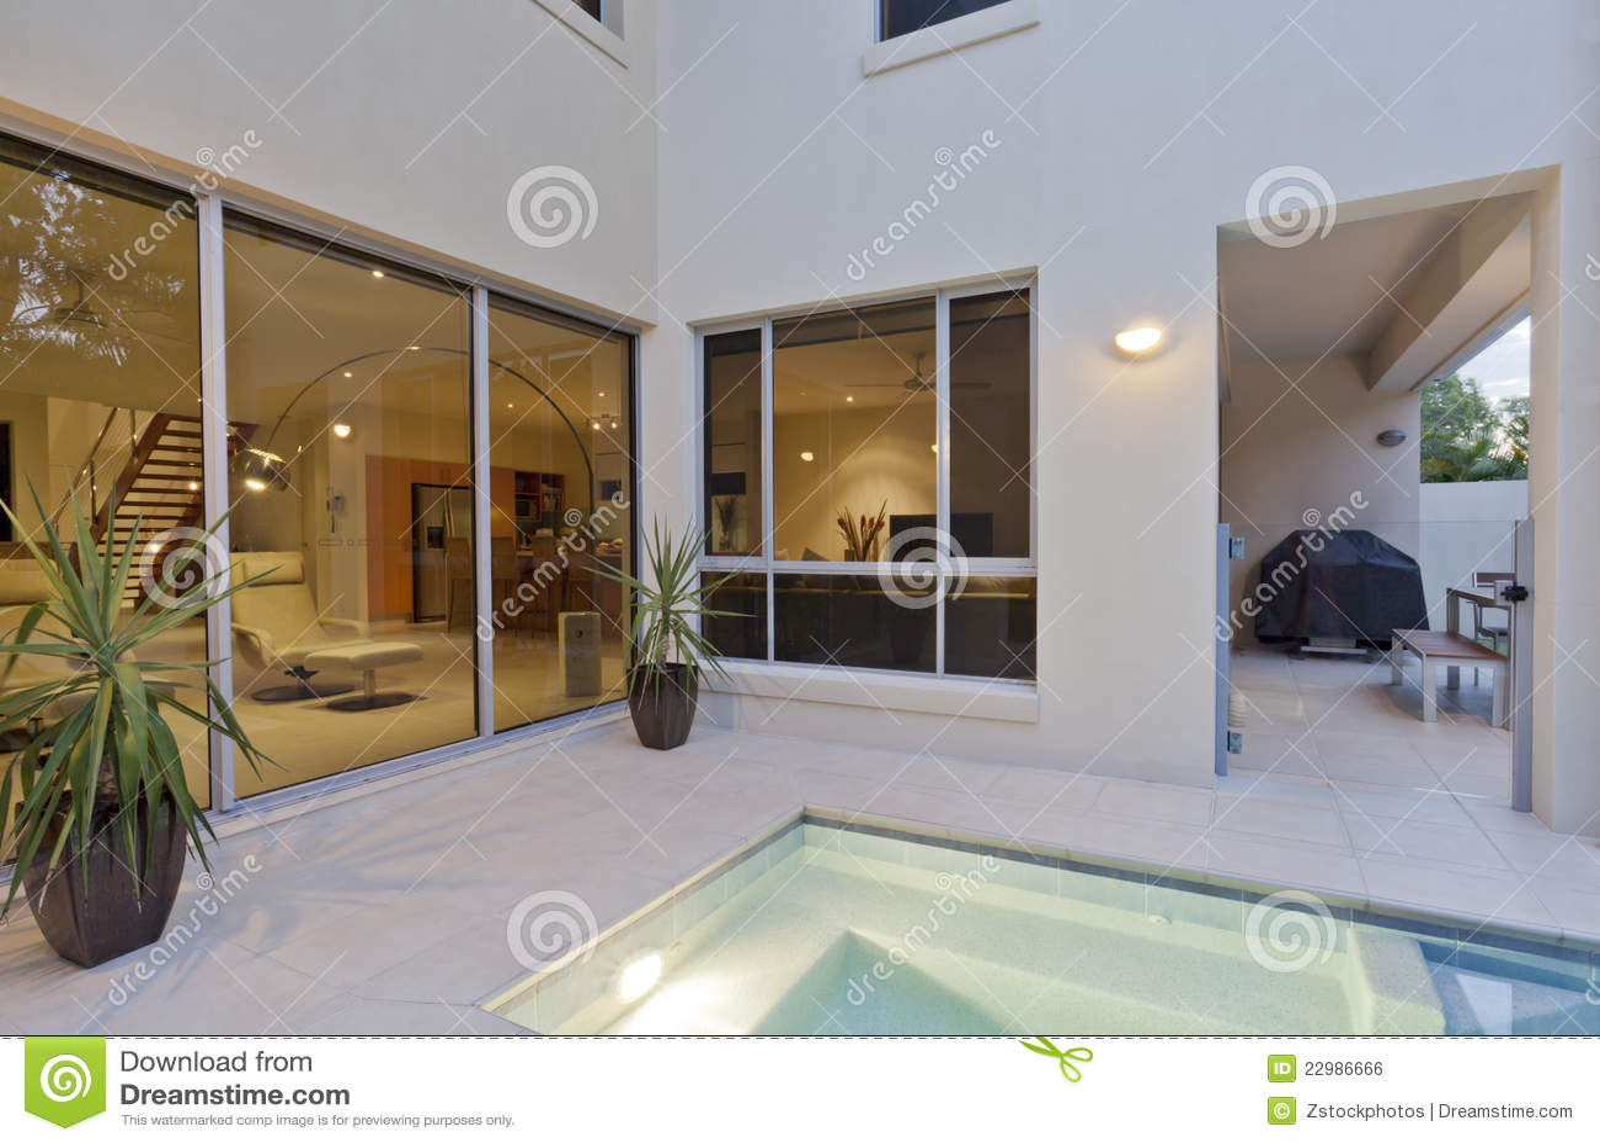 Modernes Haus Mit Wohnzimmer Und Hinterhof Stockfoto - Bild von weiß ...